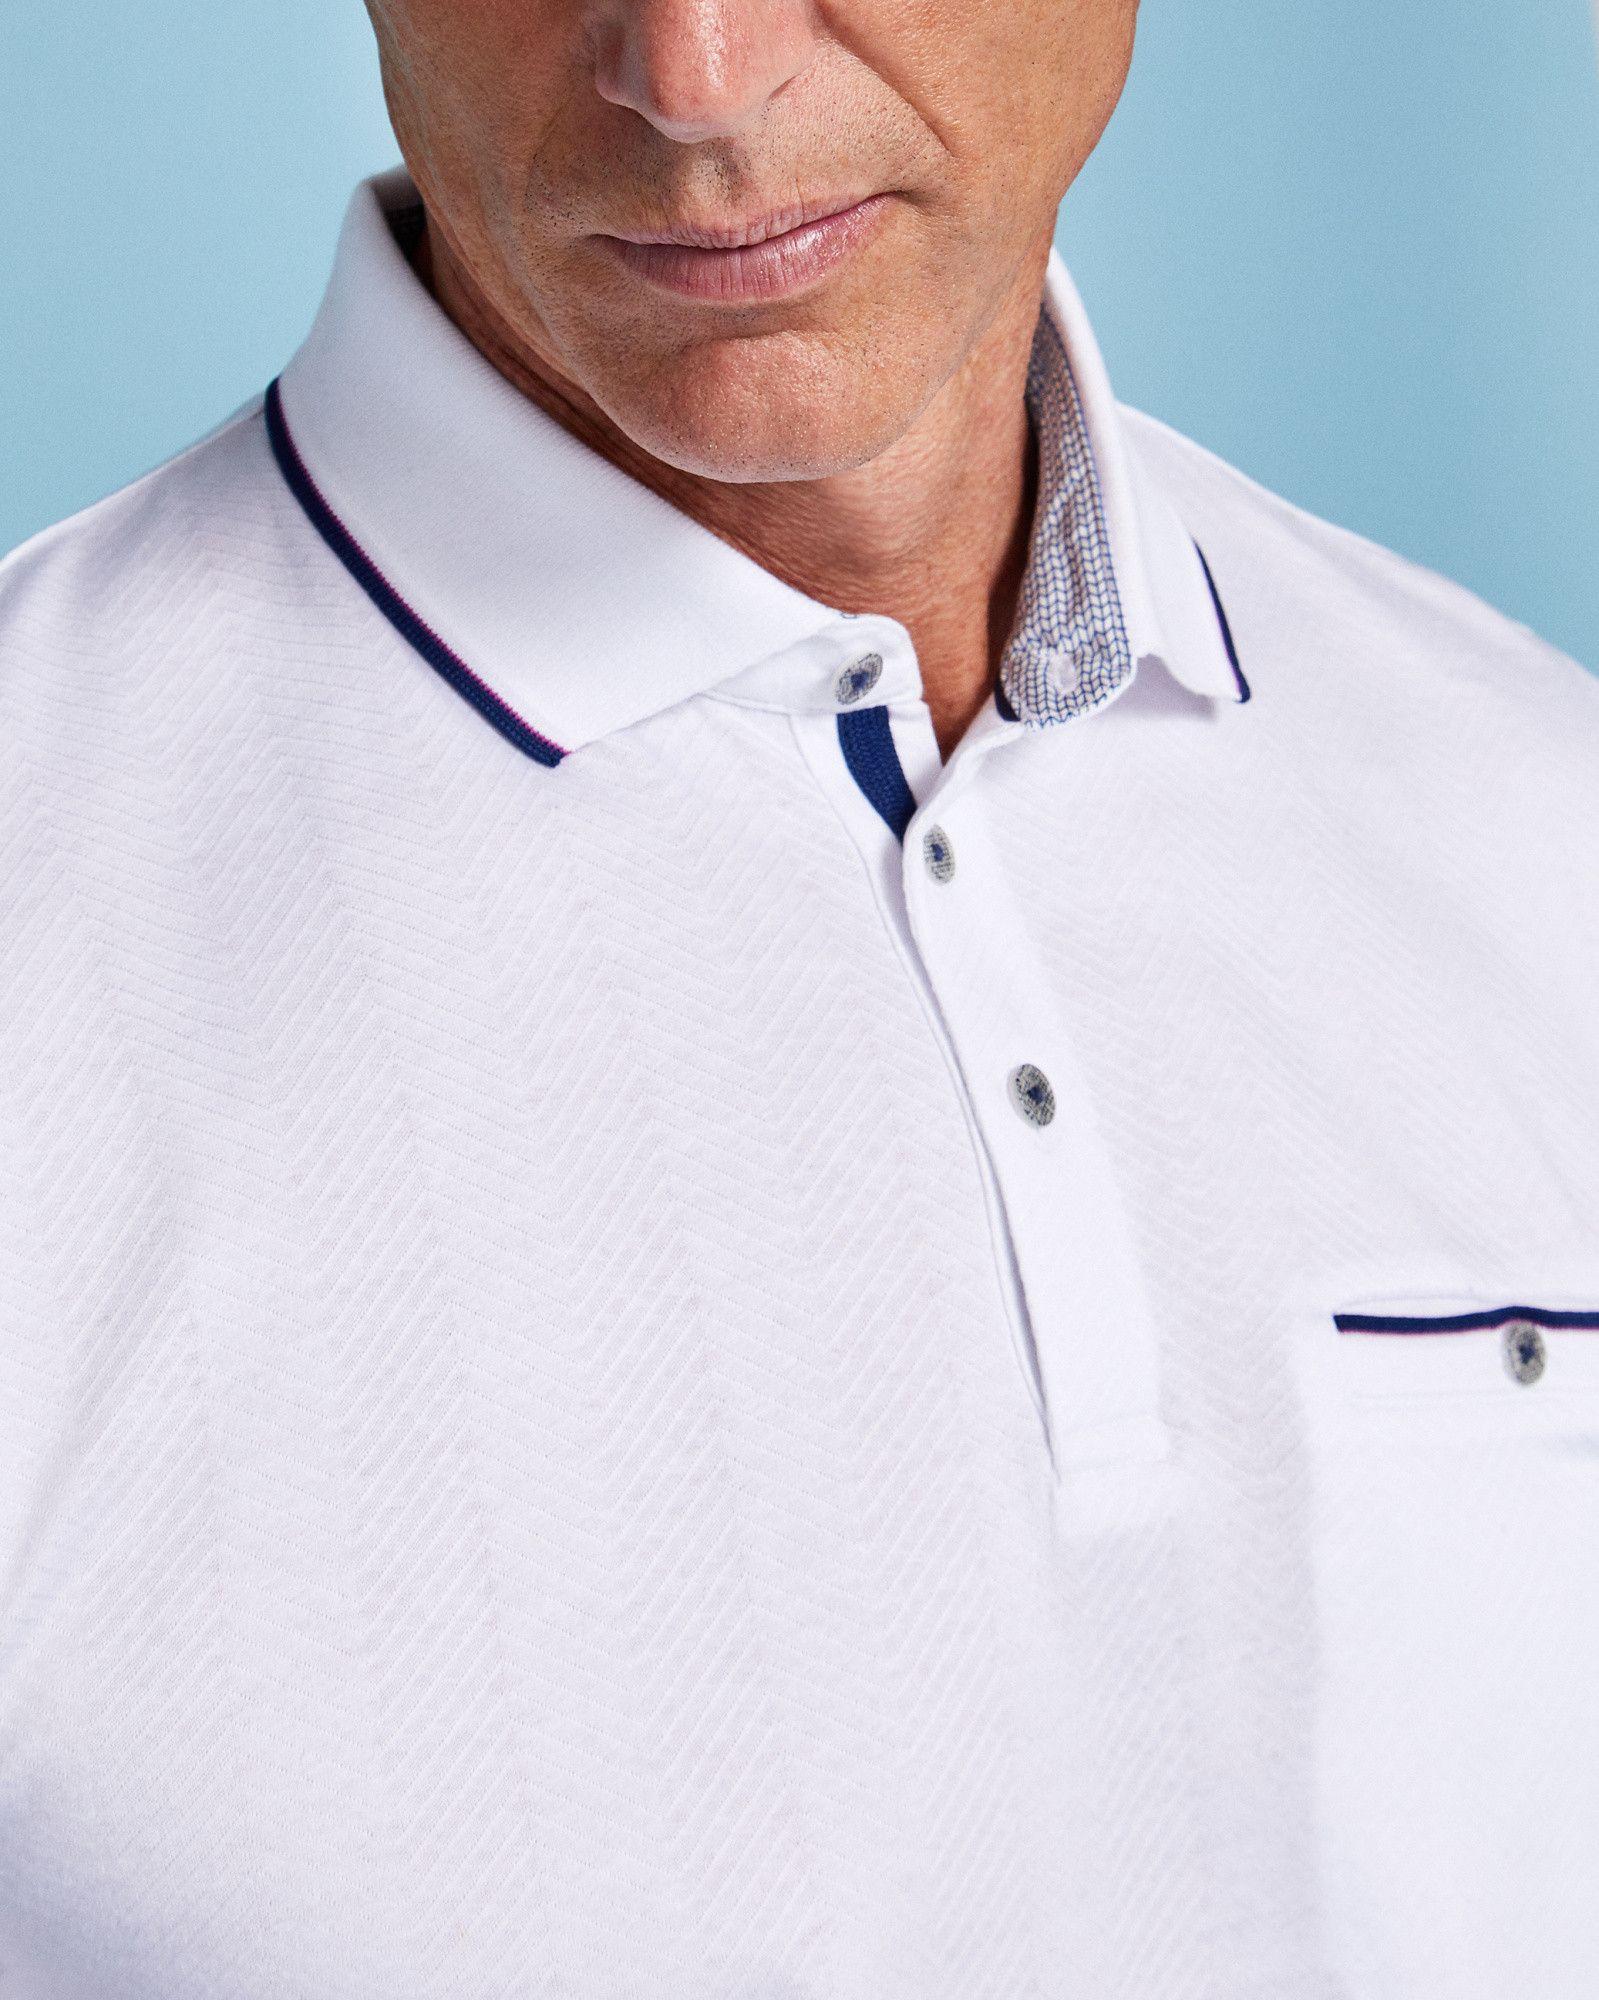 Herringbone jacquard cotton polo shirt white tops and tshirts